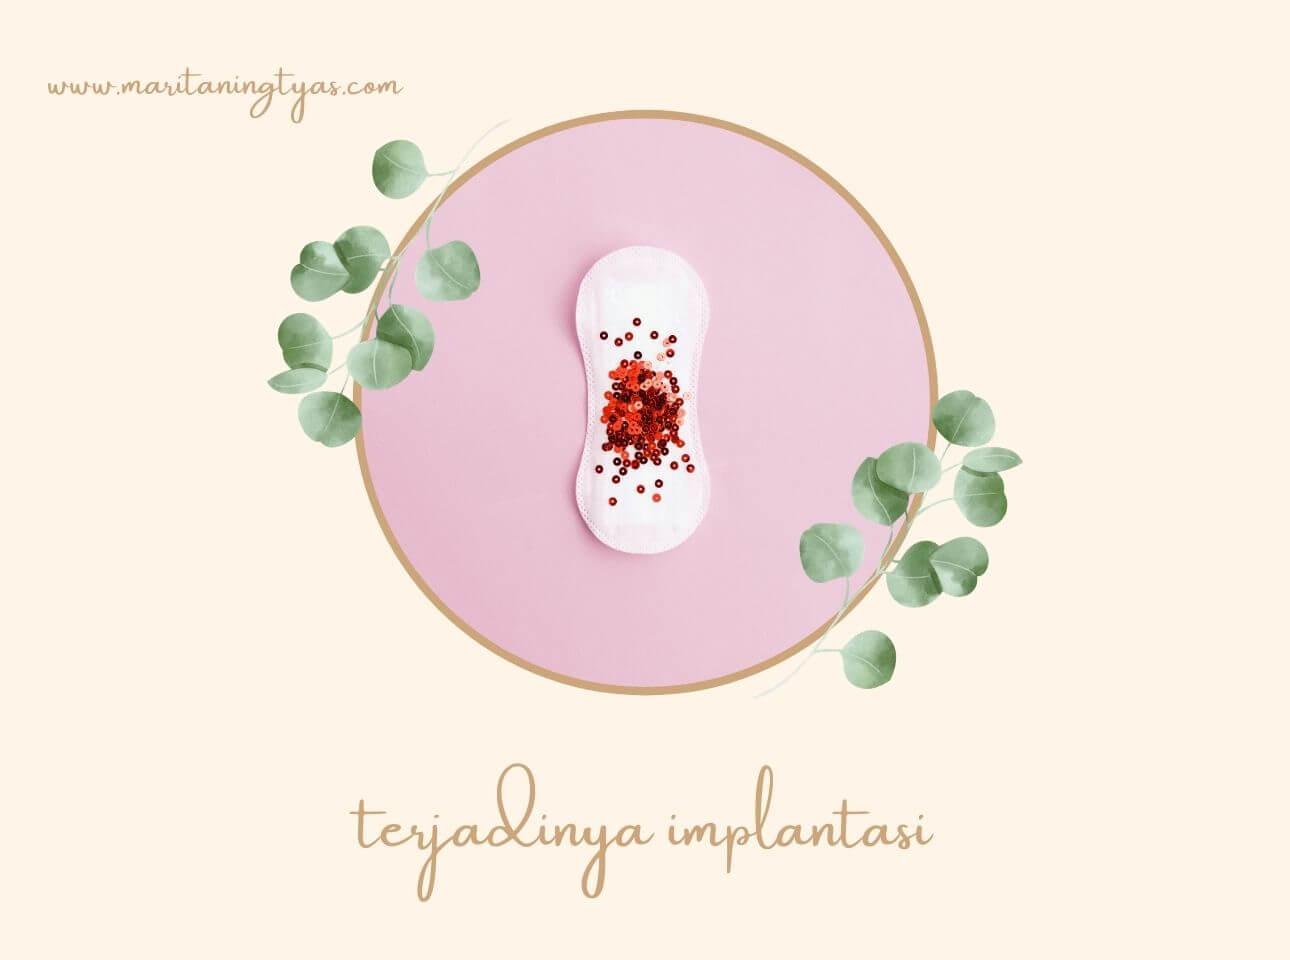 terjadinya implantasi di rahim